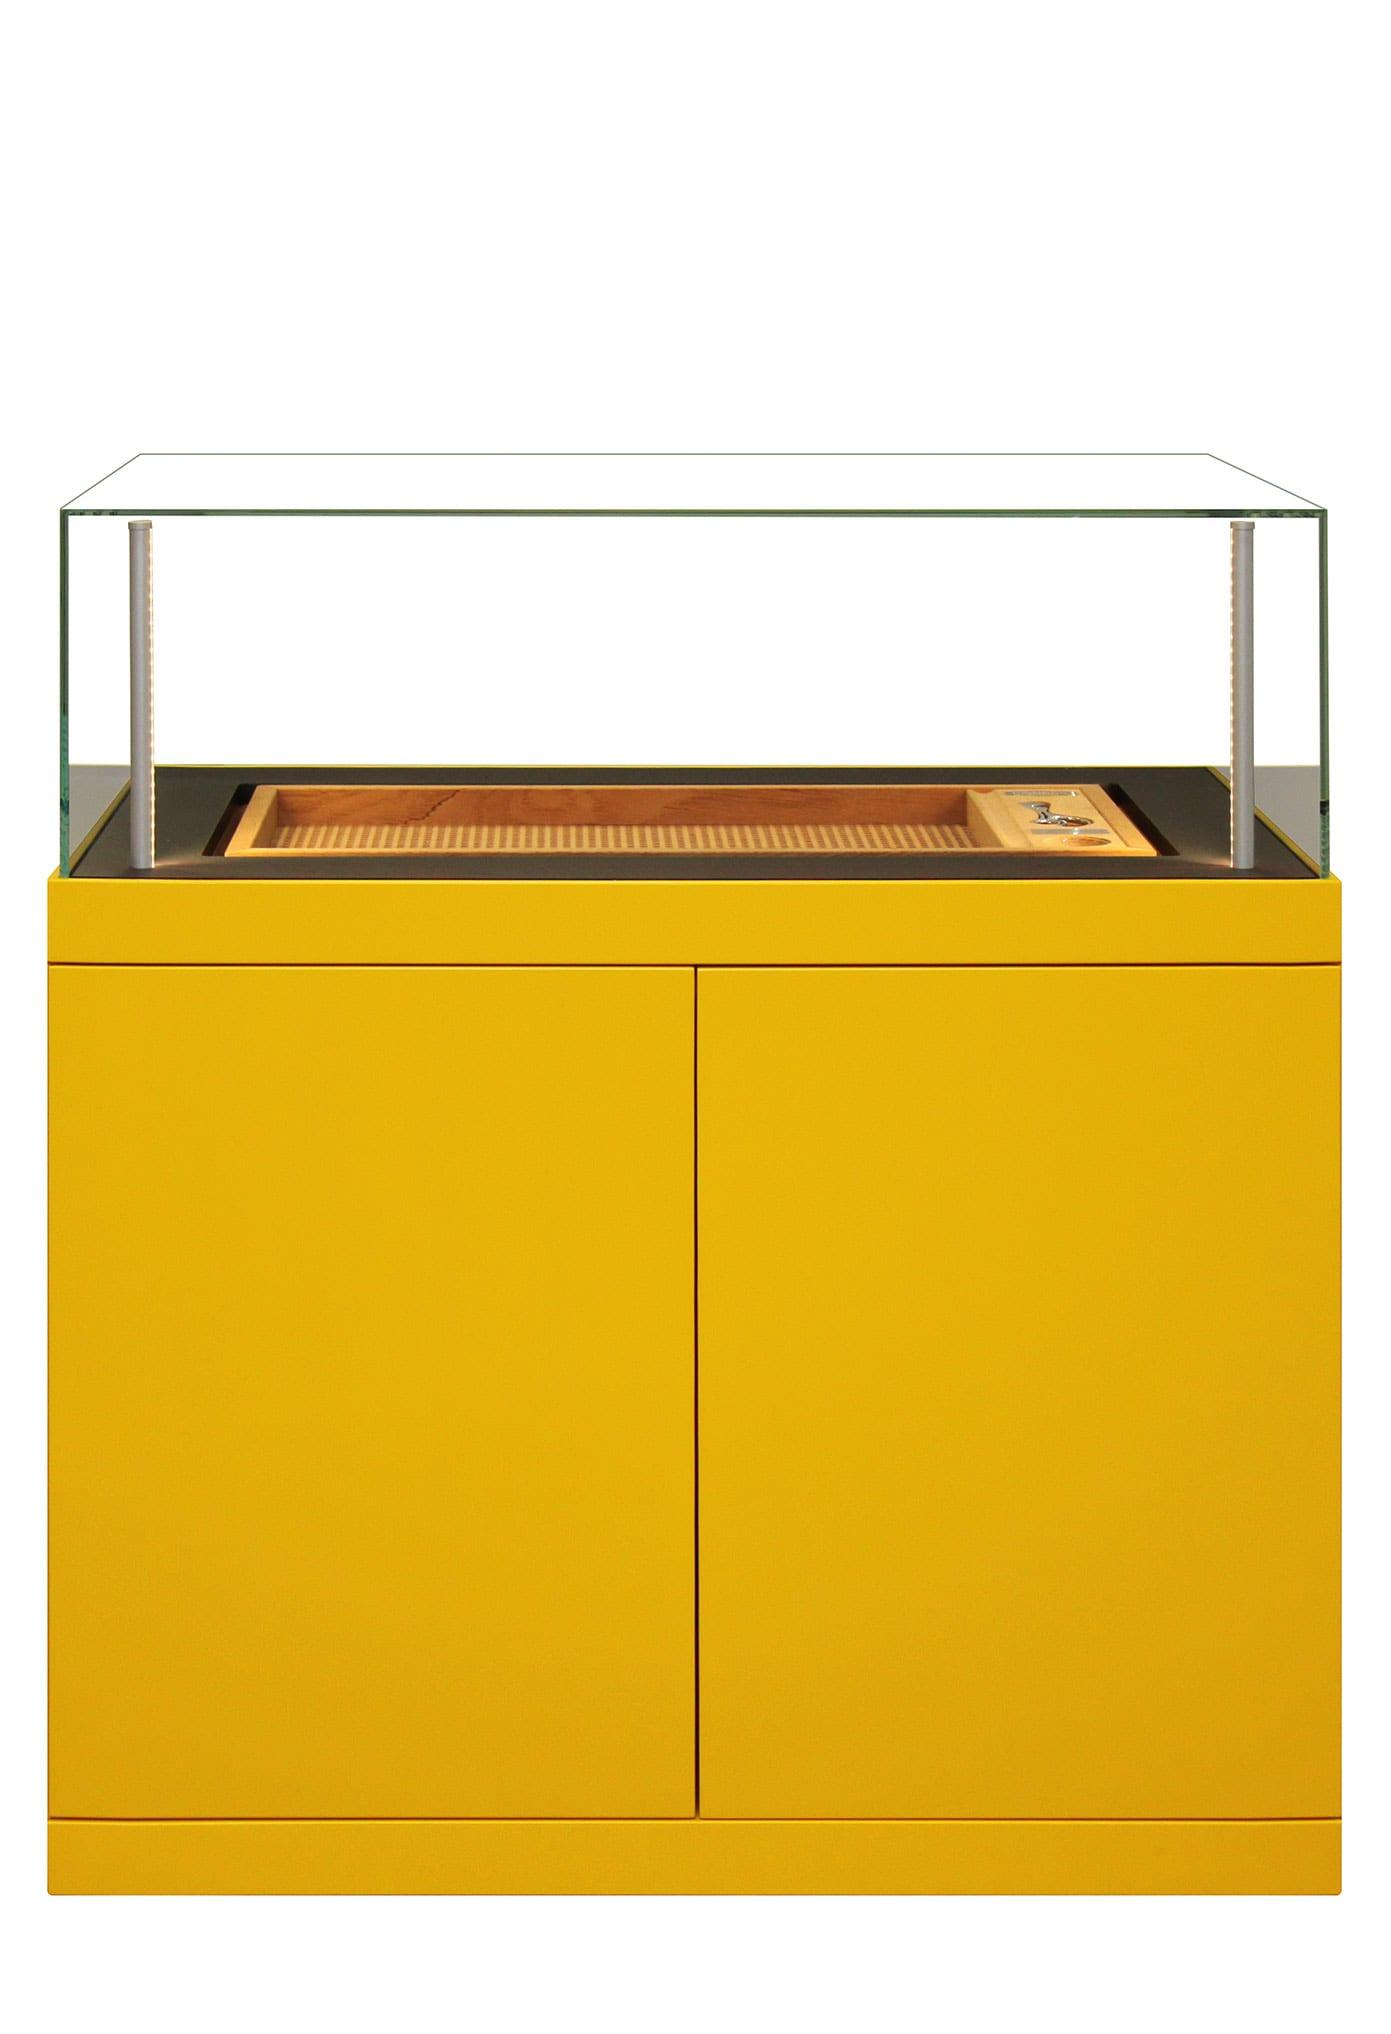 Ein ganz besonderer Zigarrenschrank in gelber Außenhülle